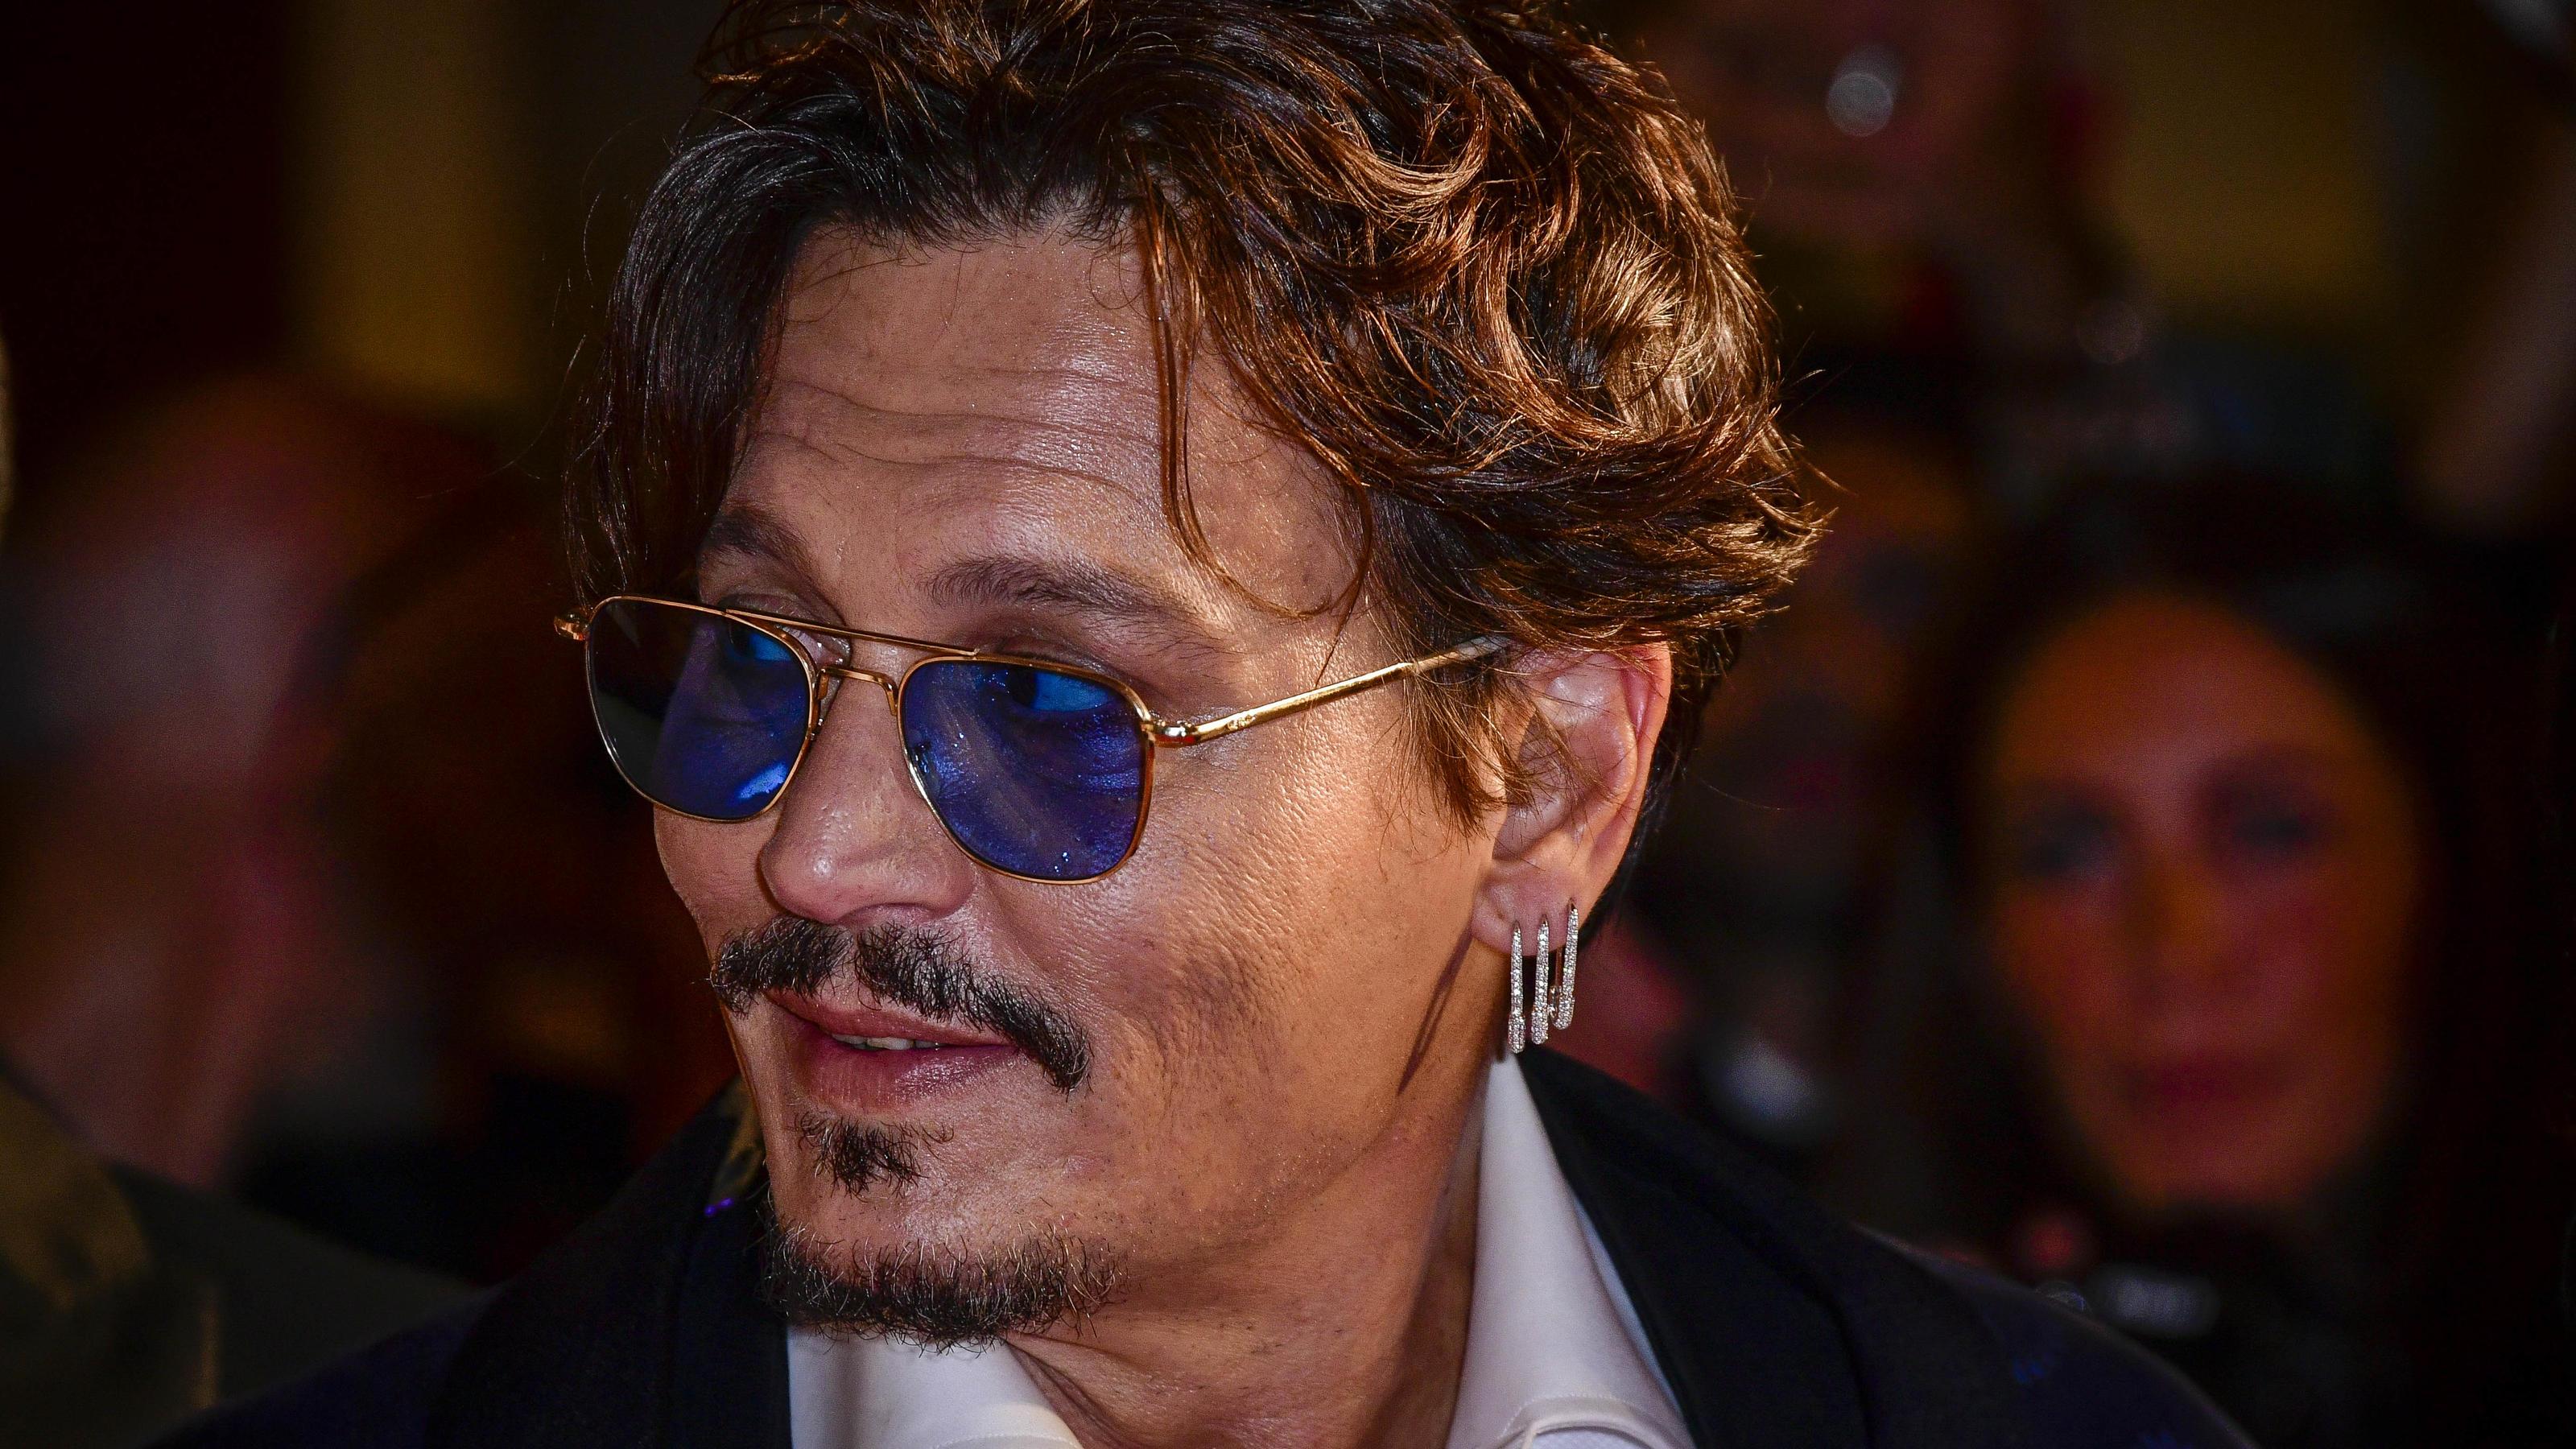 Filmfest Venedig: Bei Johnny Depp flippen die weiblichen Fans immer noch aus - VIP.de, Star News